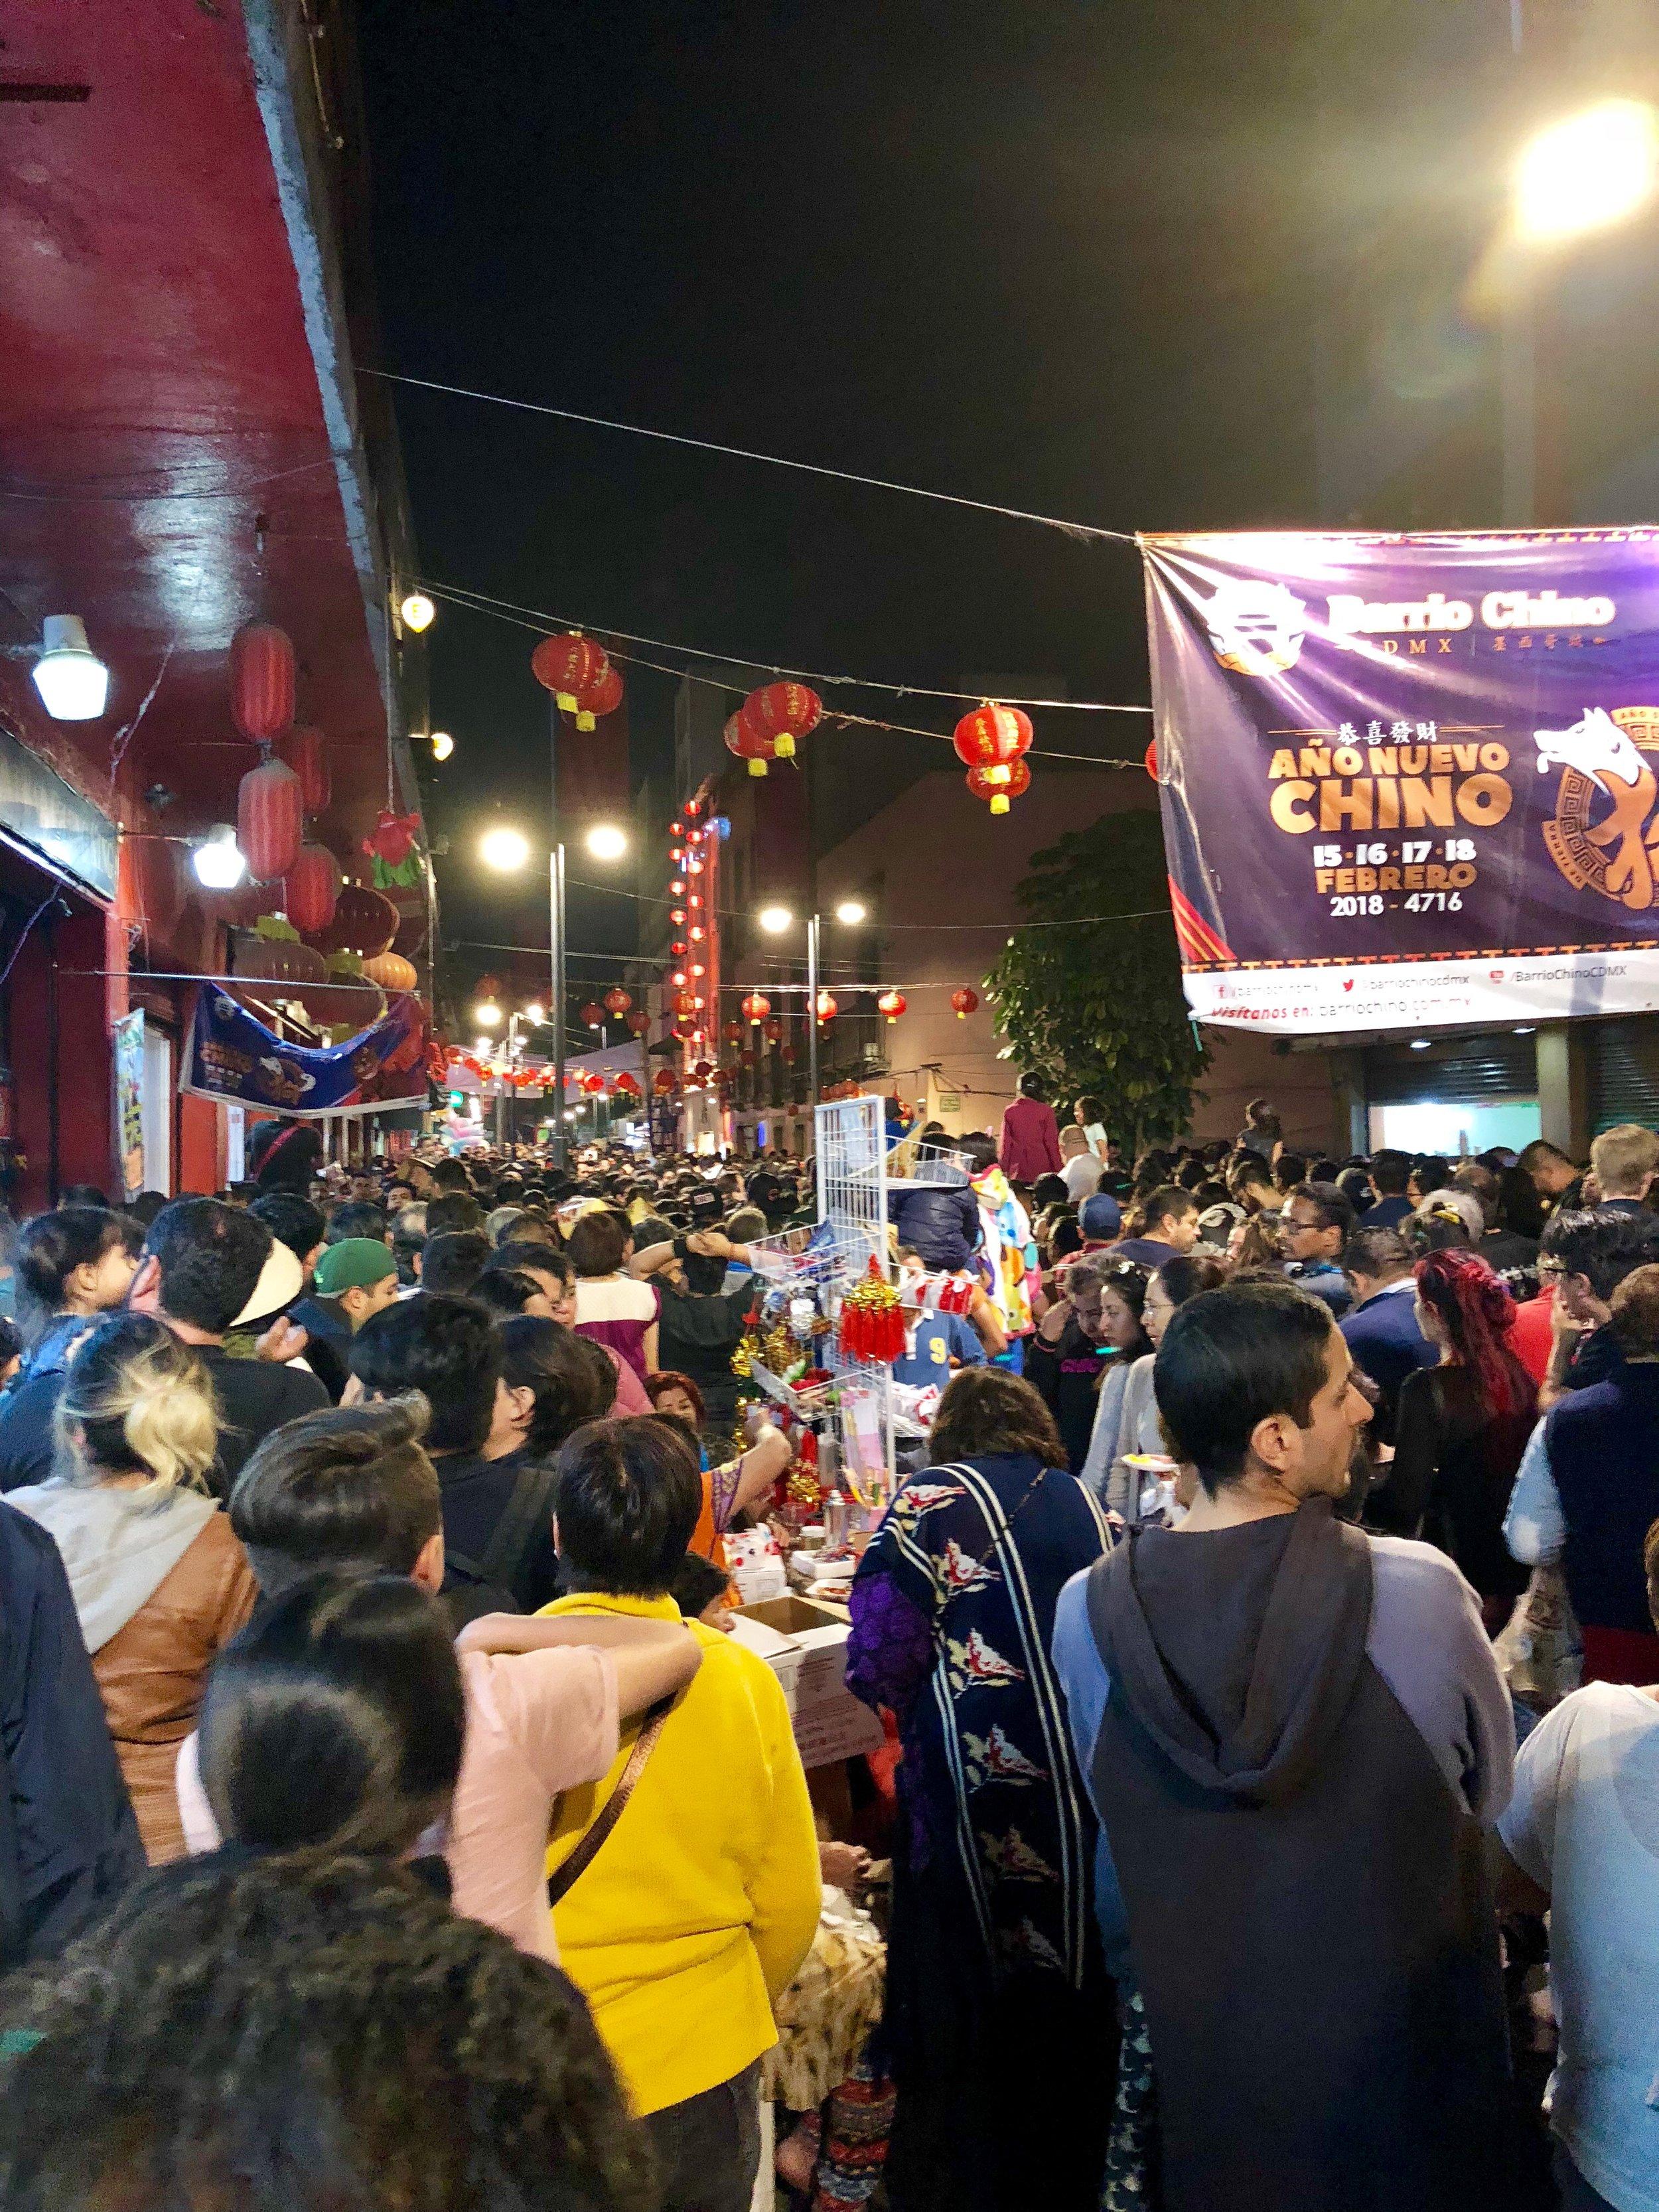 Lunar New Year celebration in  El Barrio China aka Chinatown